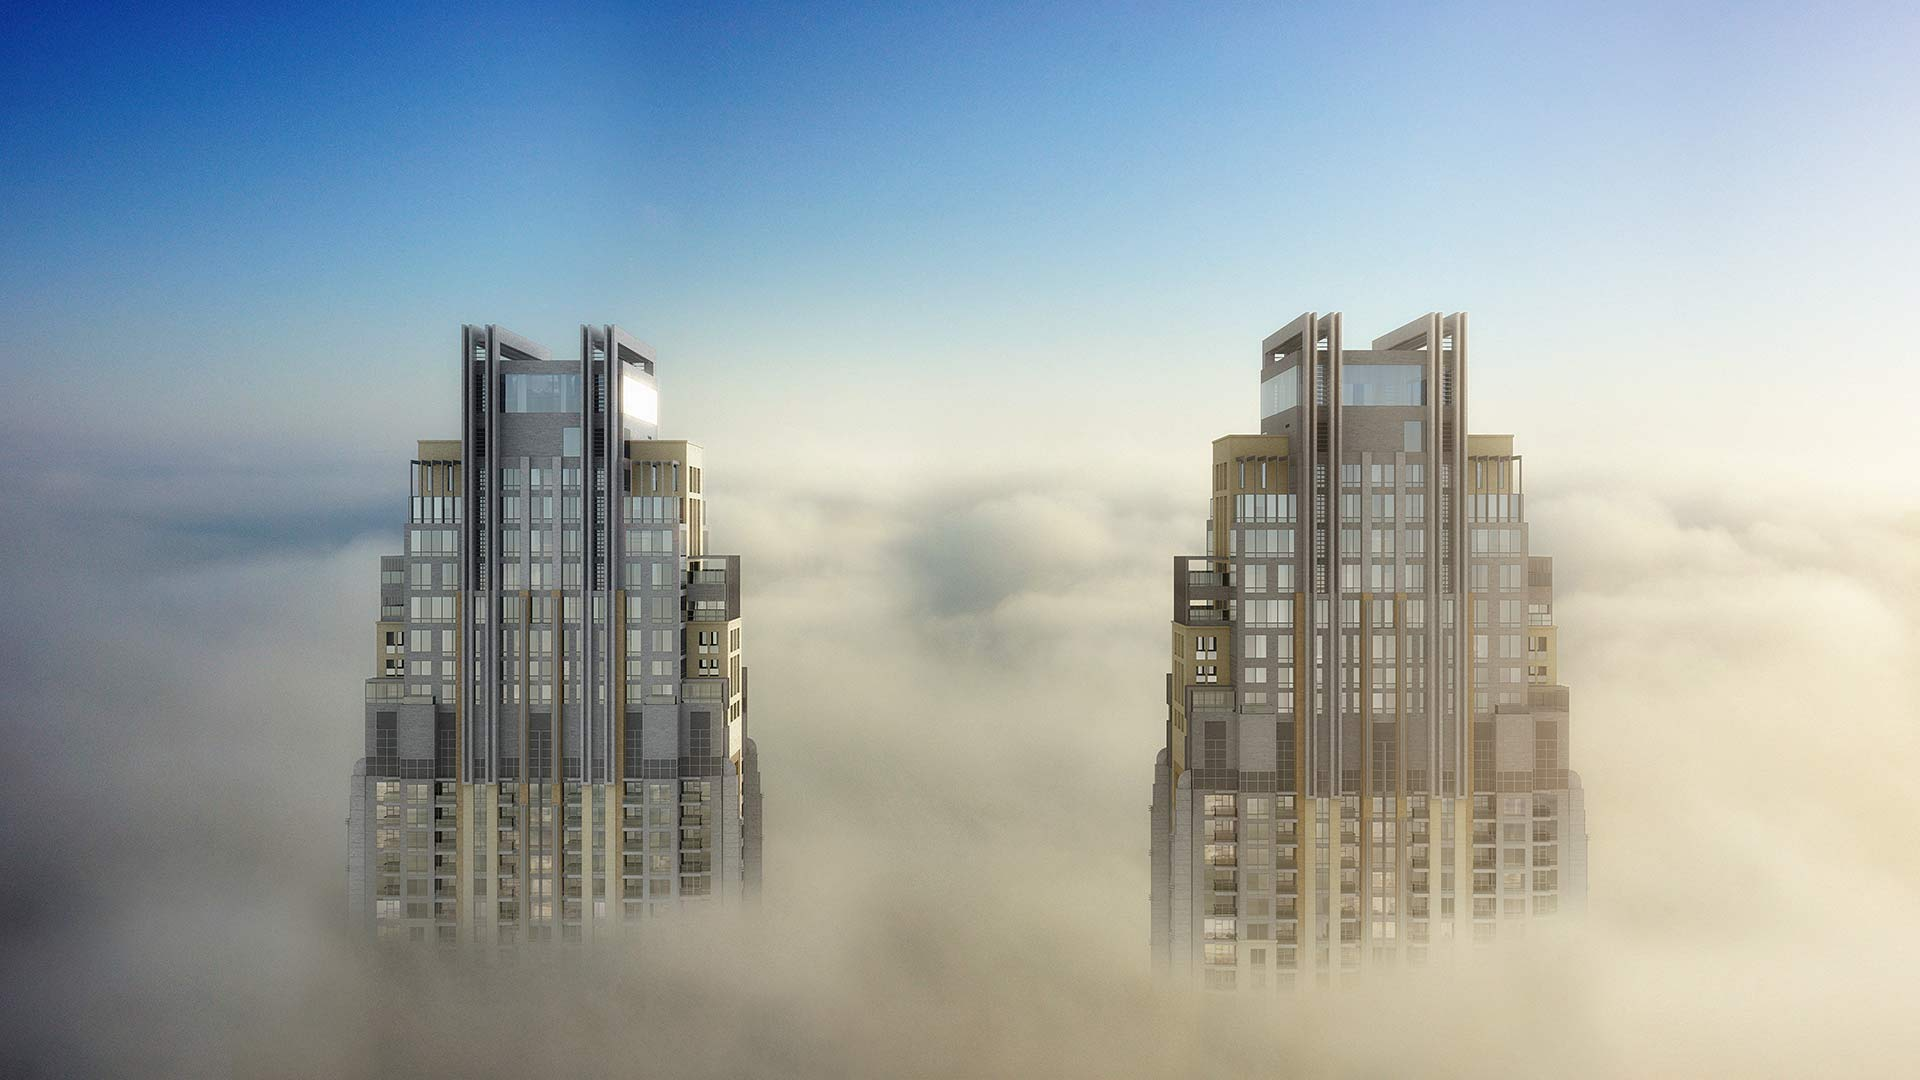 Ático en venta en Dubai, EAU, 7 dormitorios, 2724 m2, № 24064 – foto 9